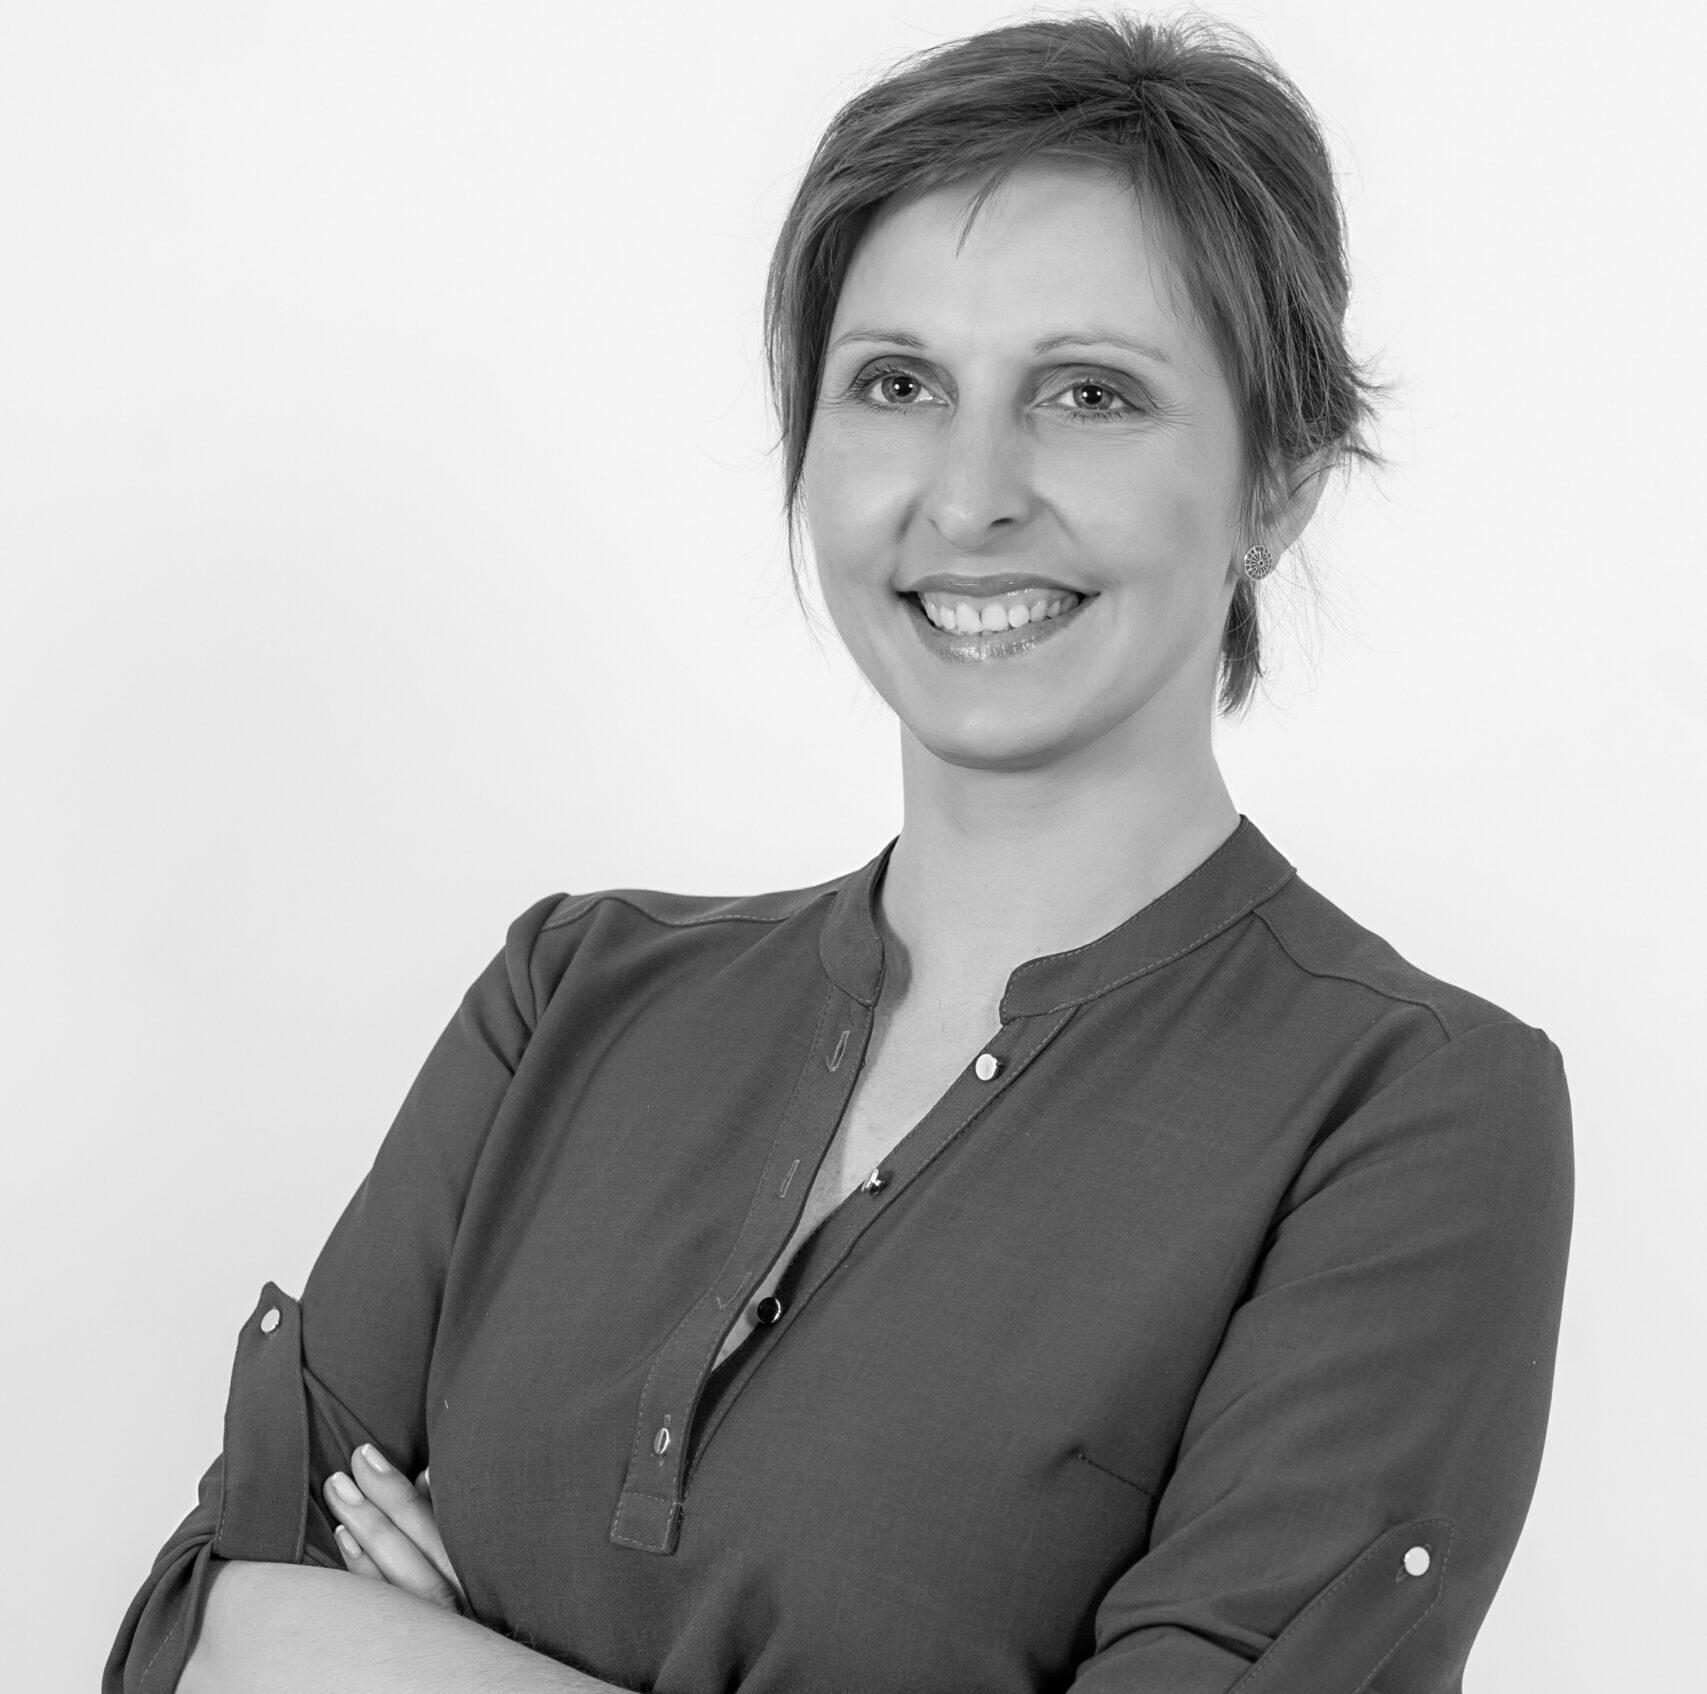 Agata Kurzajak